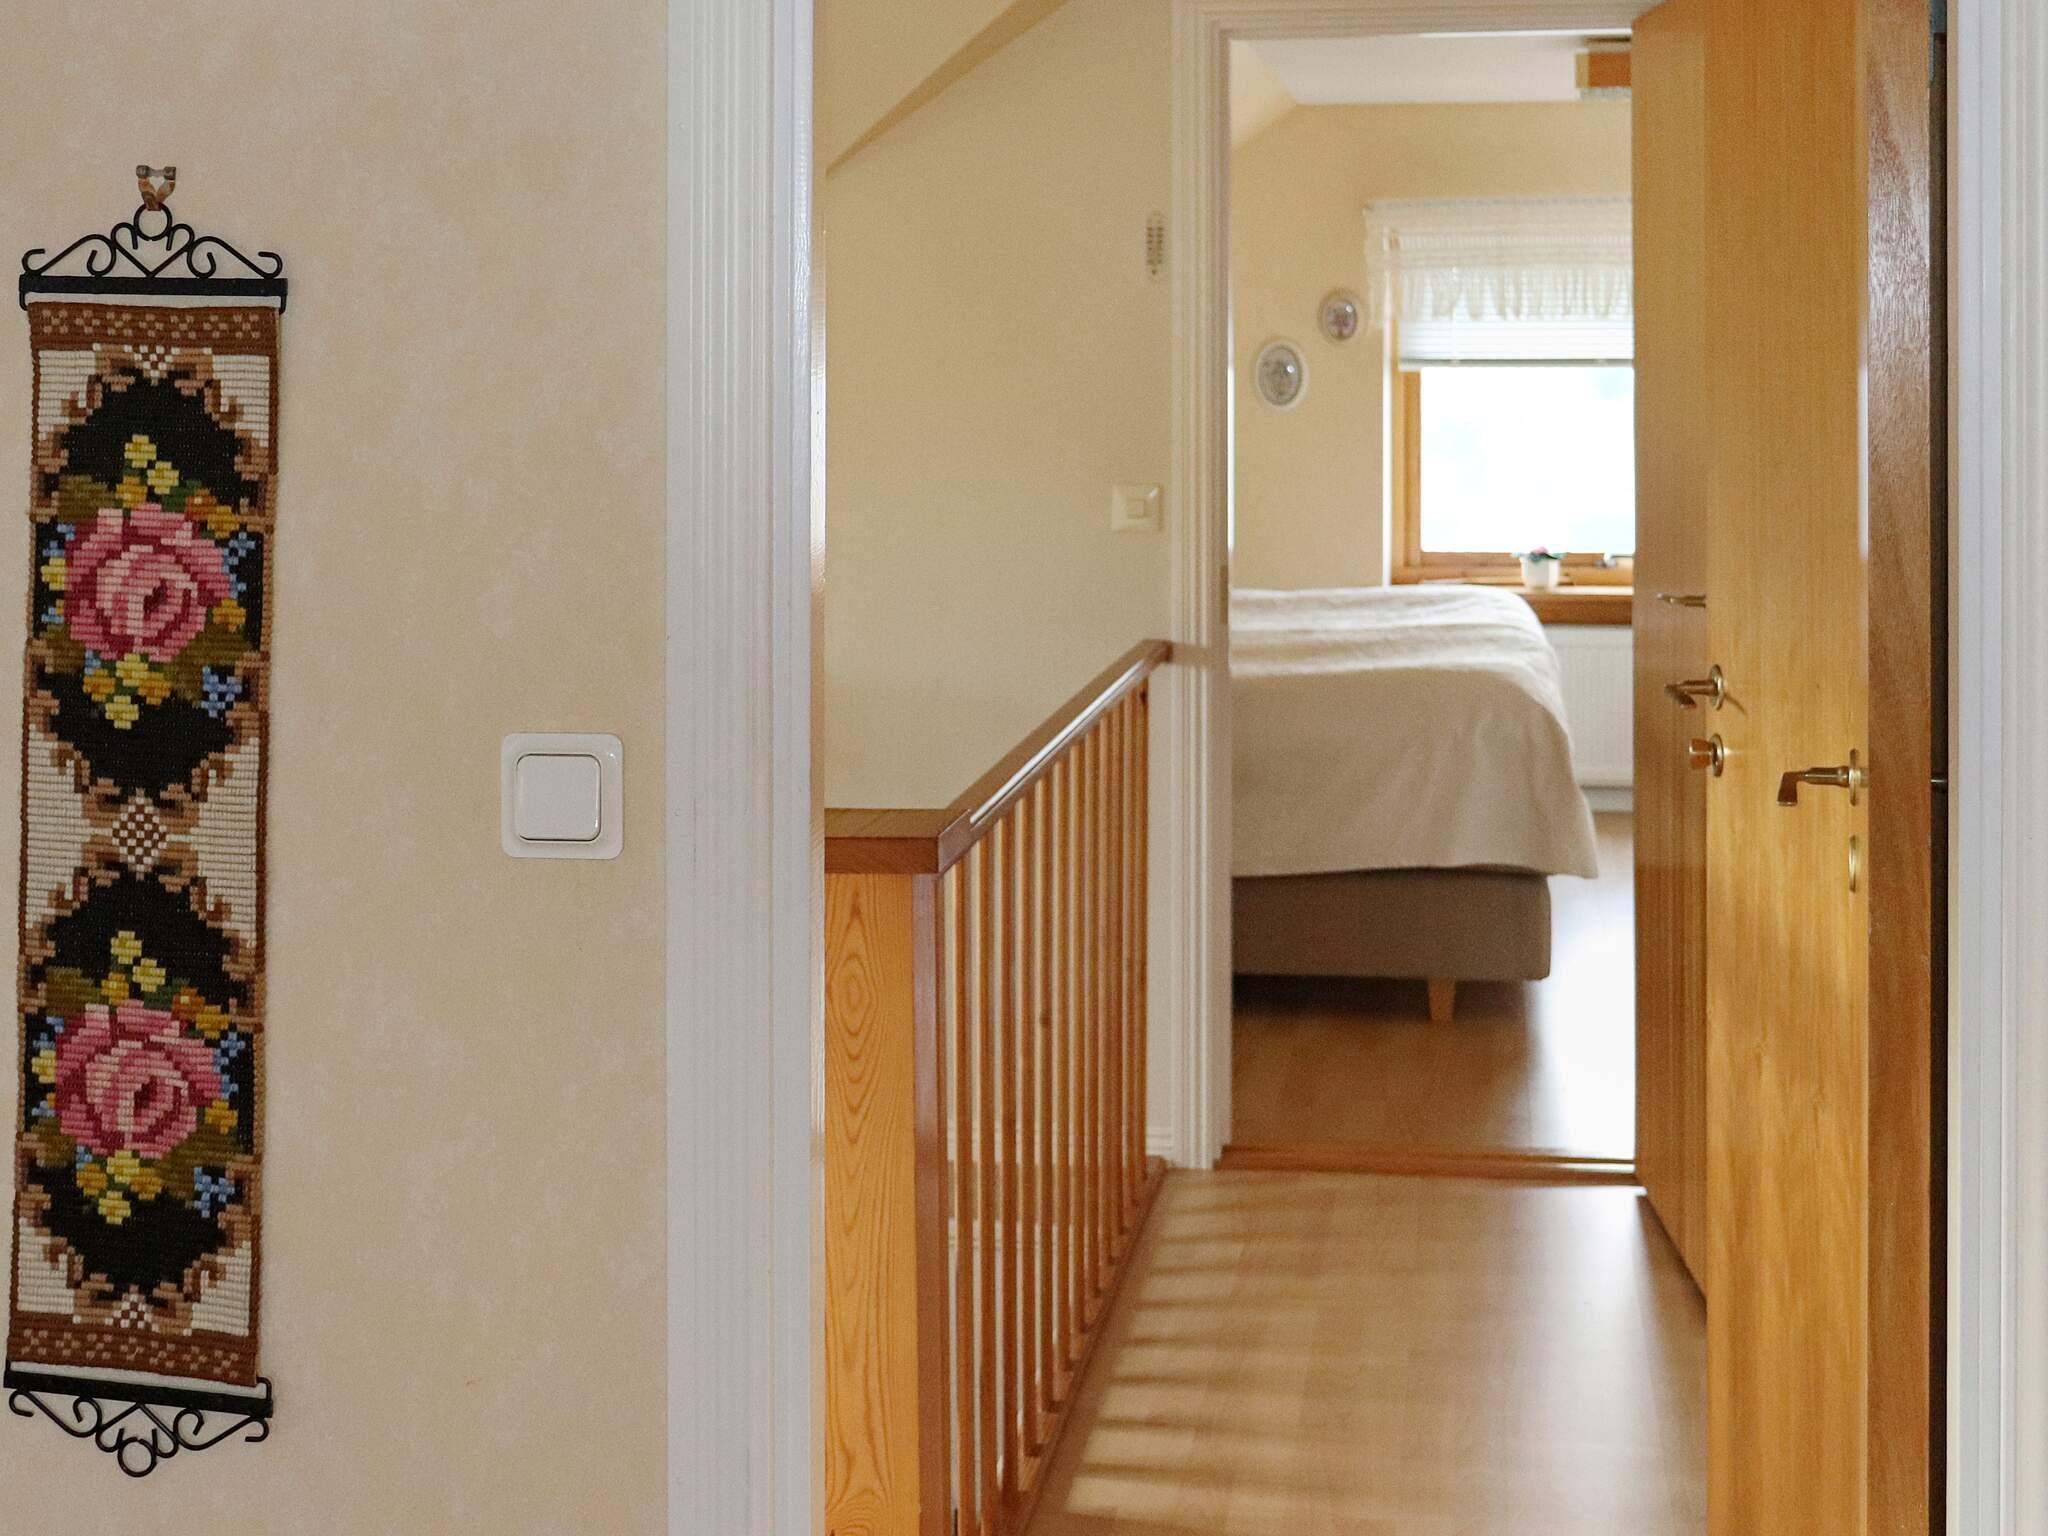 Ferienhaus Simrishamn (2701533), Simrishamn, Skane län, Südschweden, Schweden, Bild 11